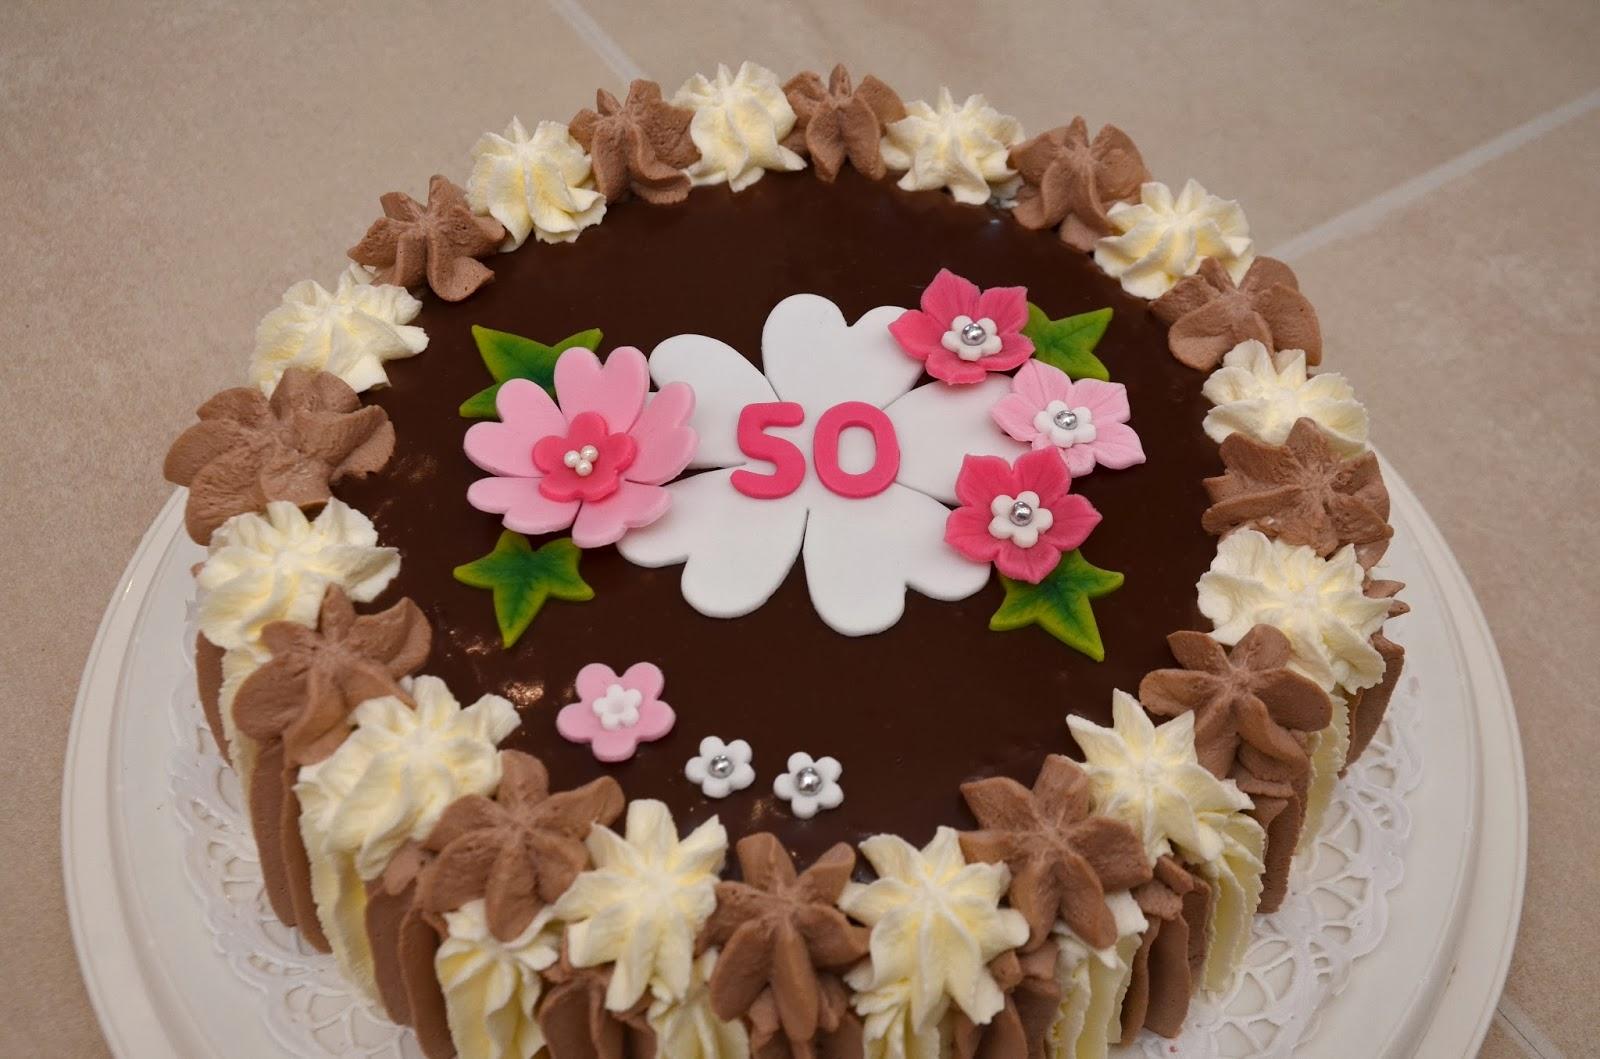 tårta 50 år Tårtmakartösen: Kerstins 50 års tårta tårta 50 år